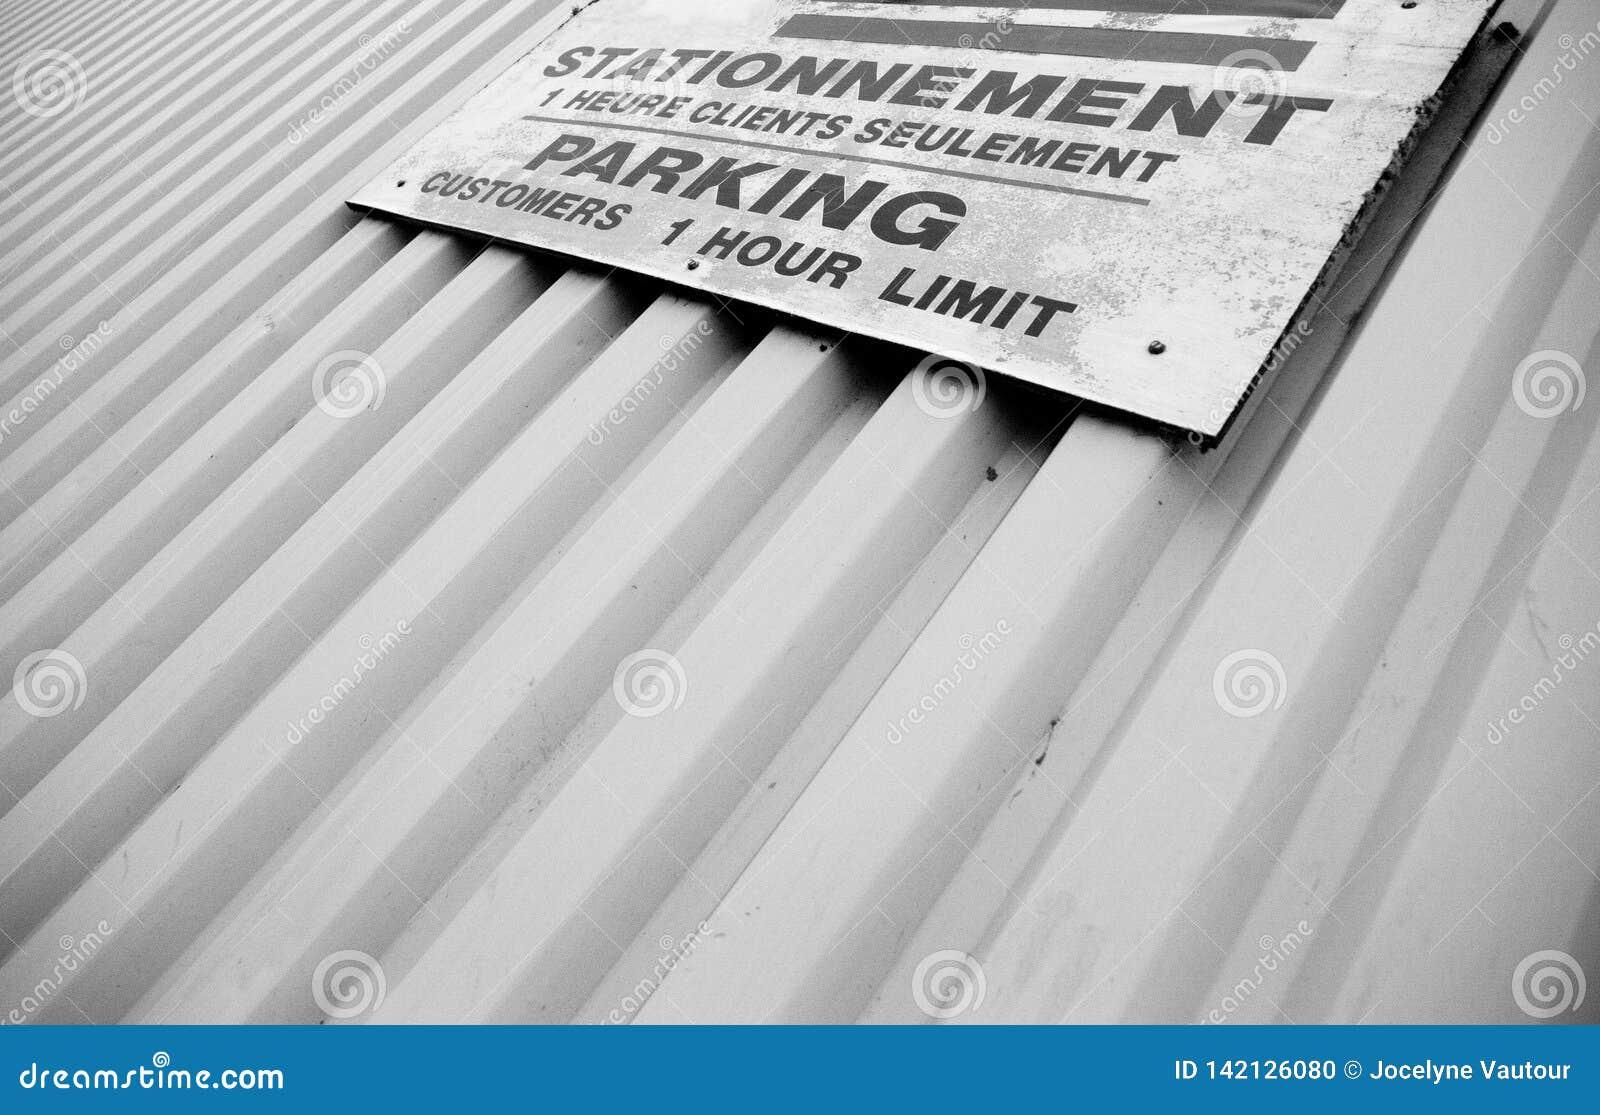 Geen parkeren tweetalig teken in zwart-wit